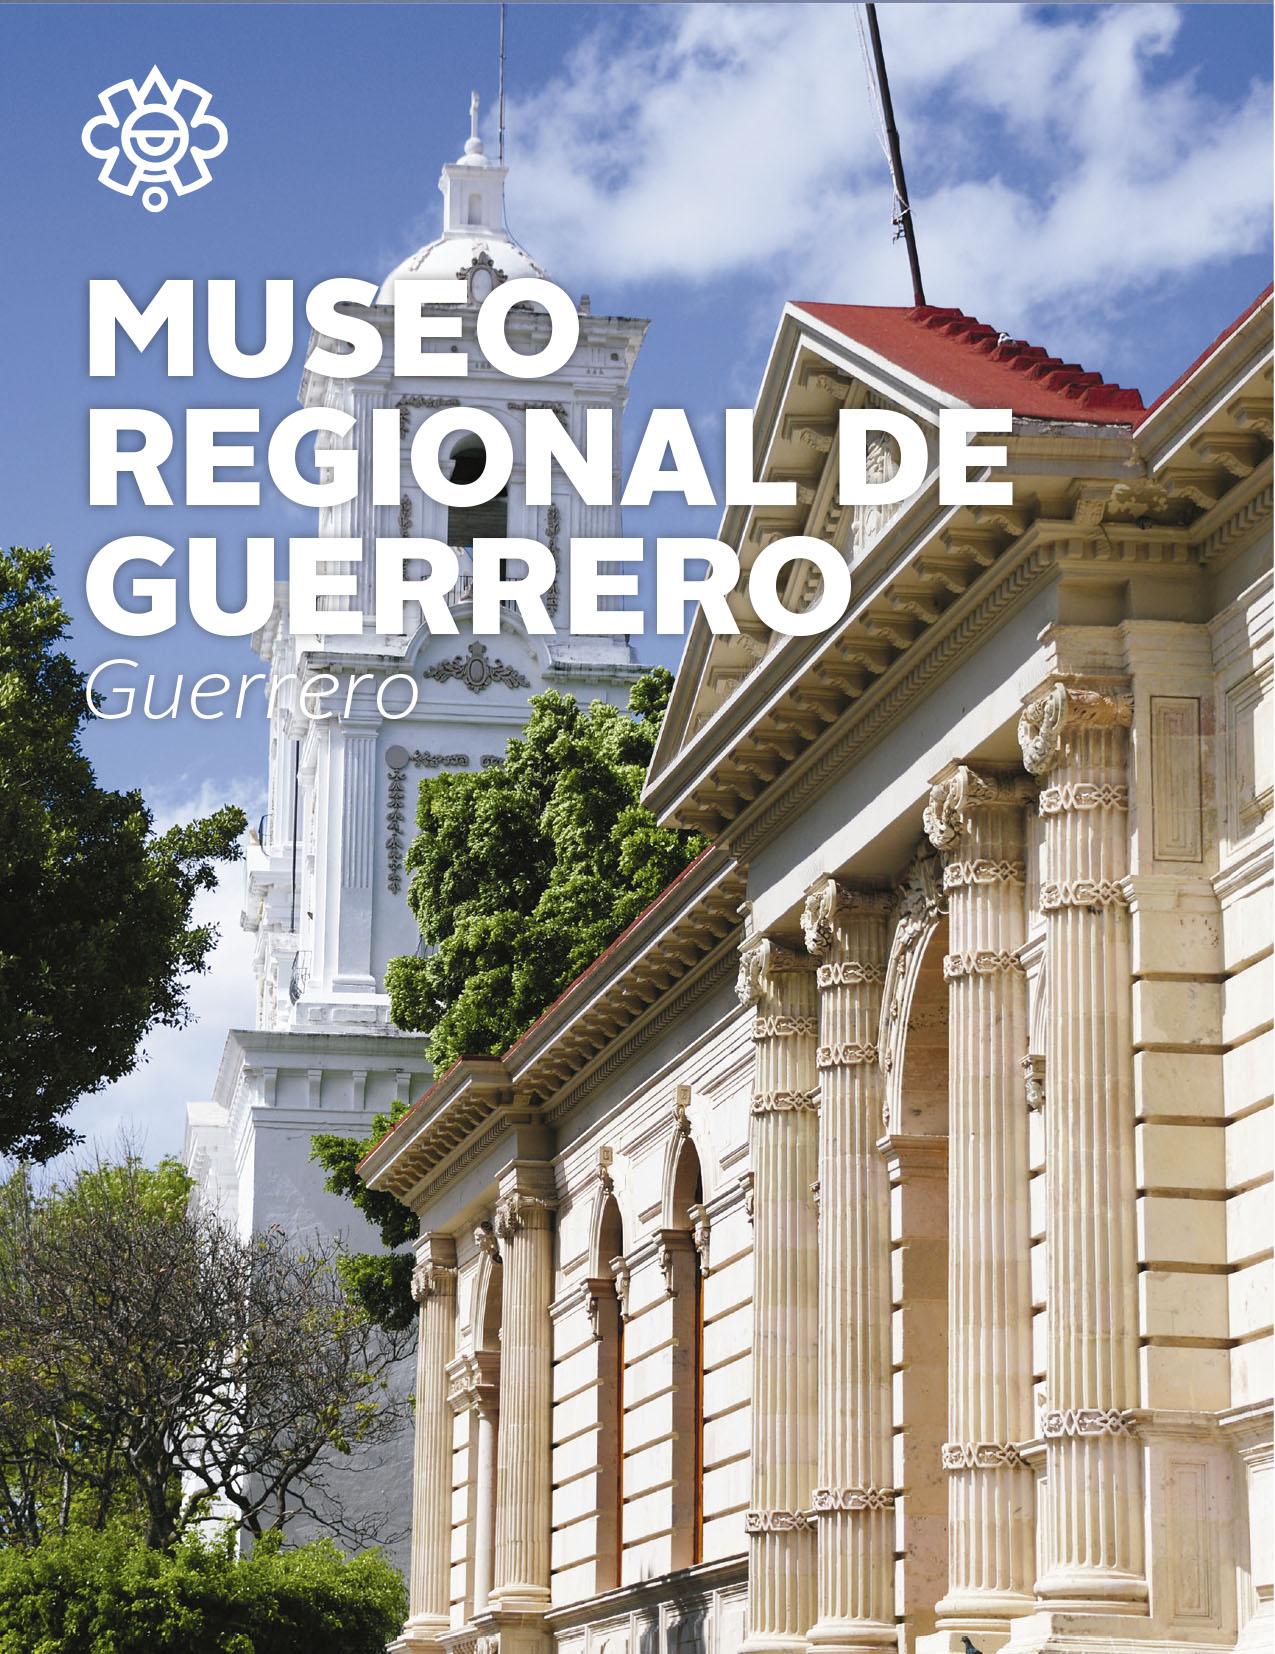 Museo Regional de Guerrero